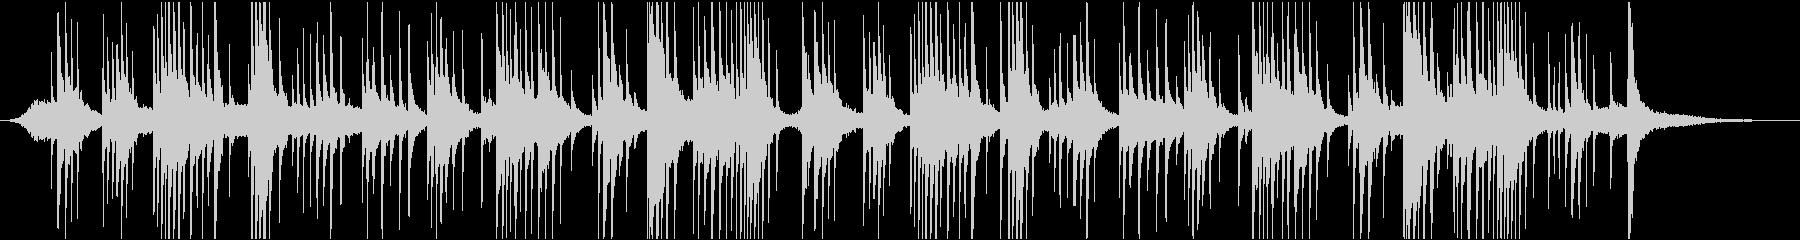 映像BGM ピアノで氷の世界を表現の未再生の波形